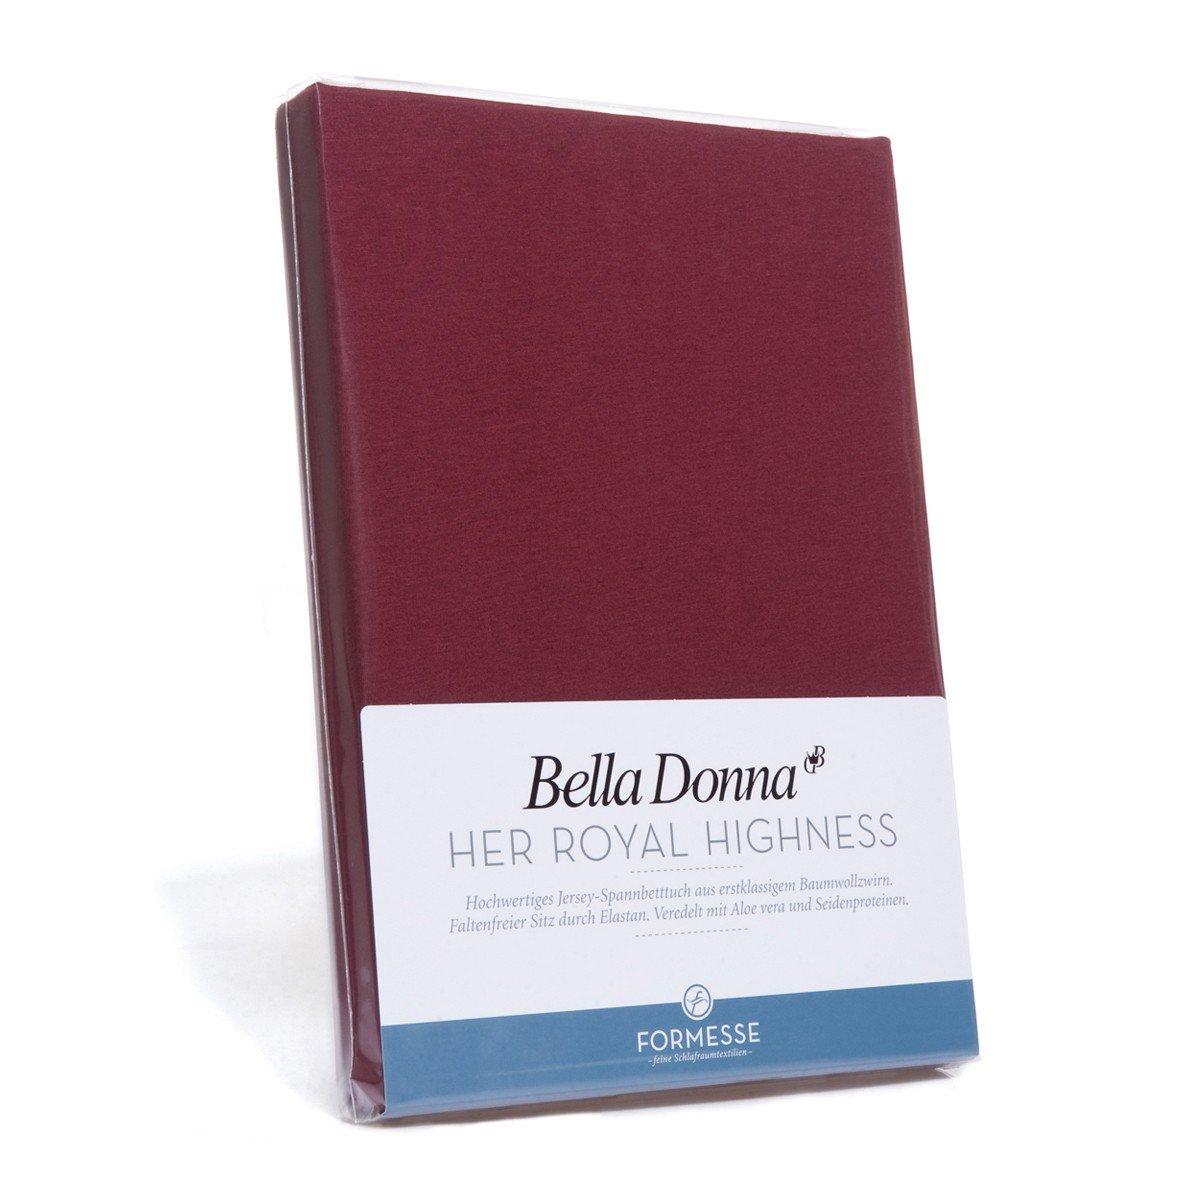 Bella Damenschuhe Jersey Spannbettlaken 140 200 - 160 220cm - 0215 (Hellanthrazit)